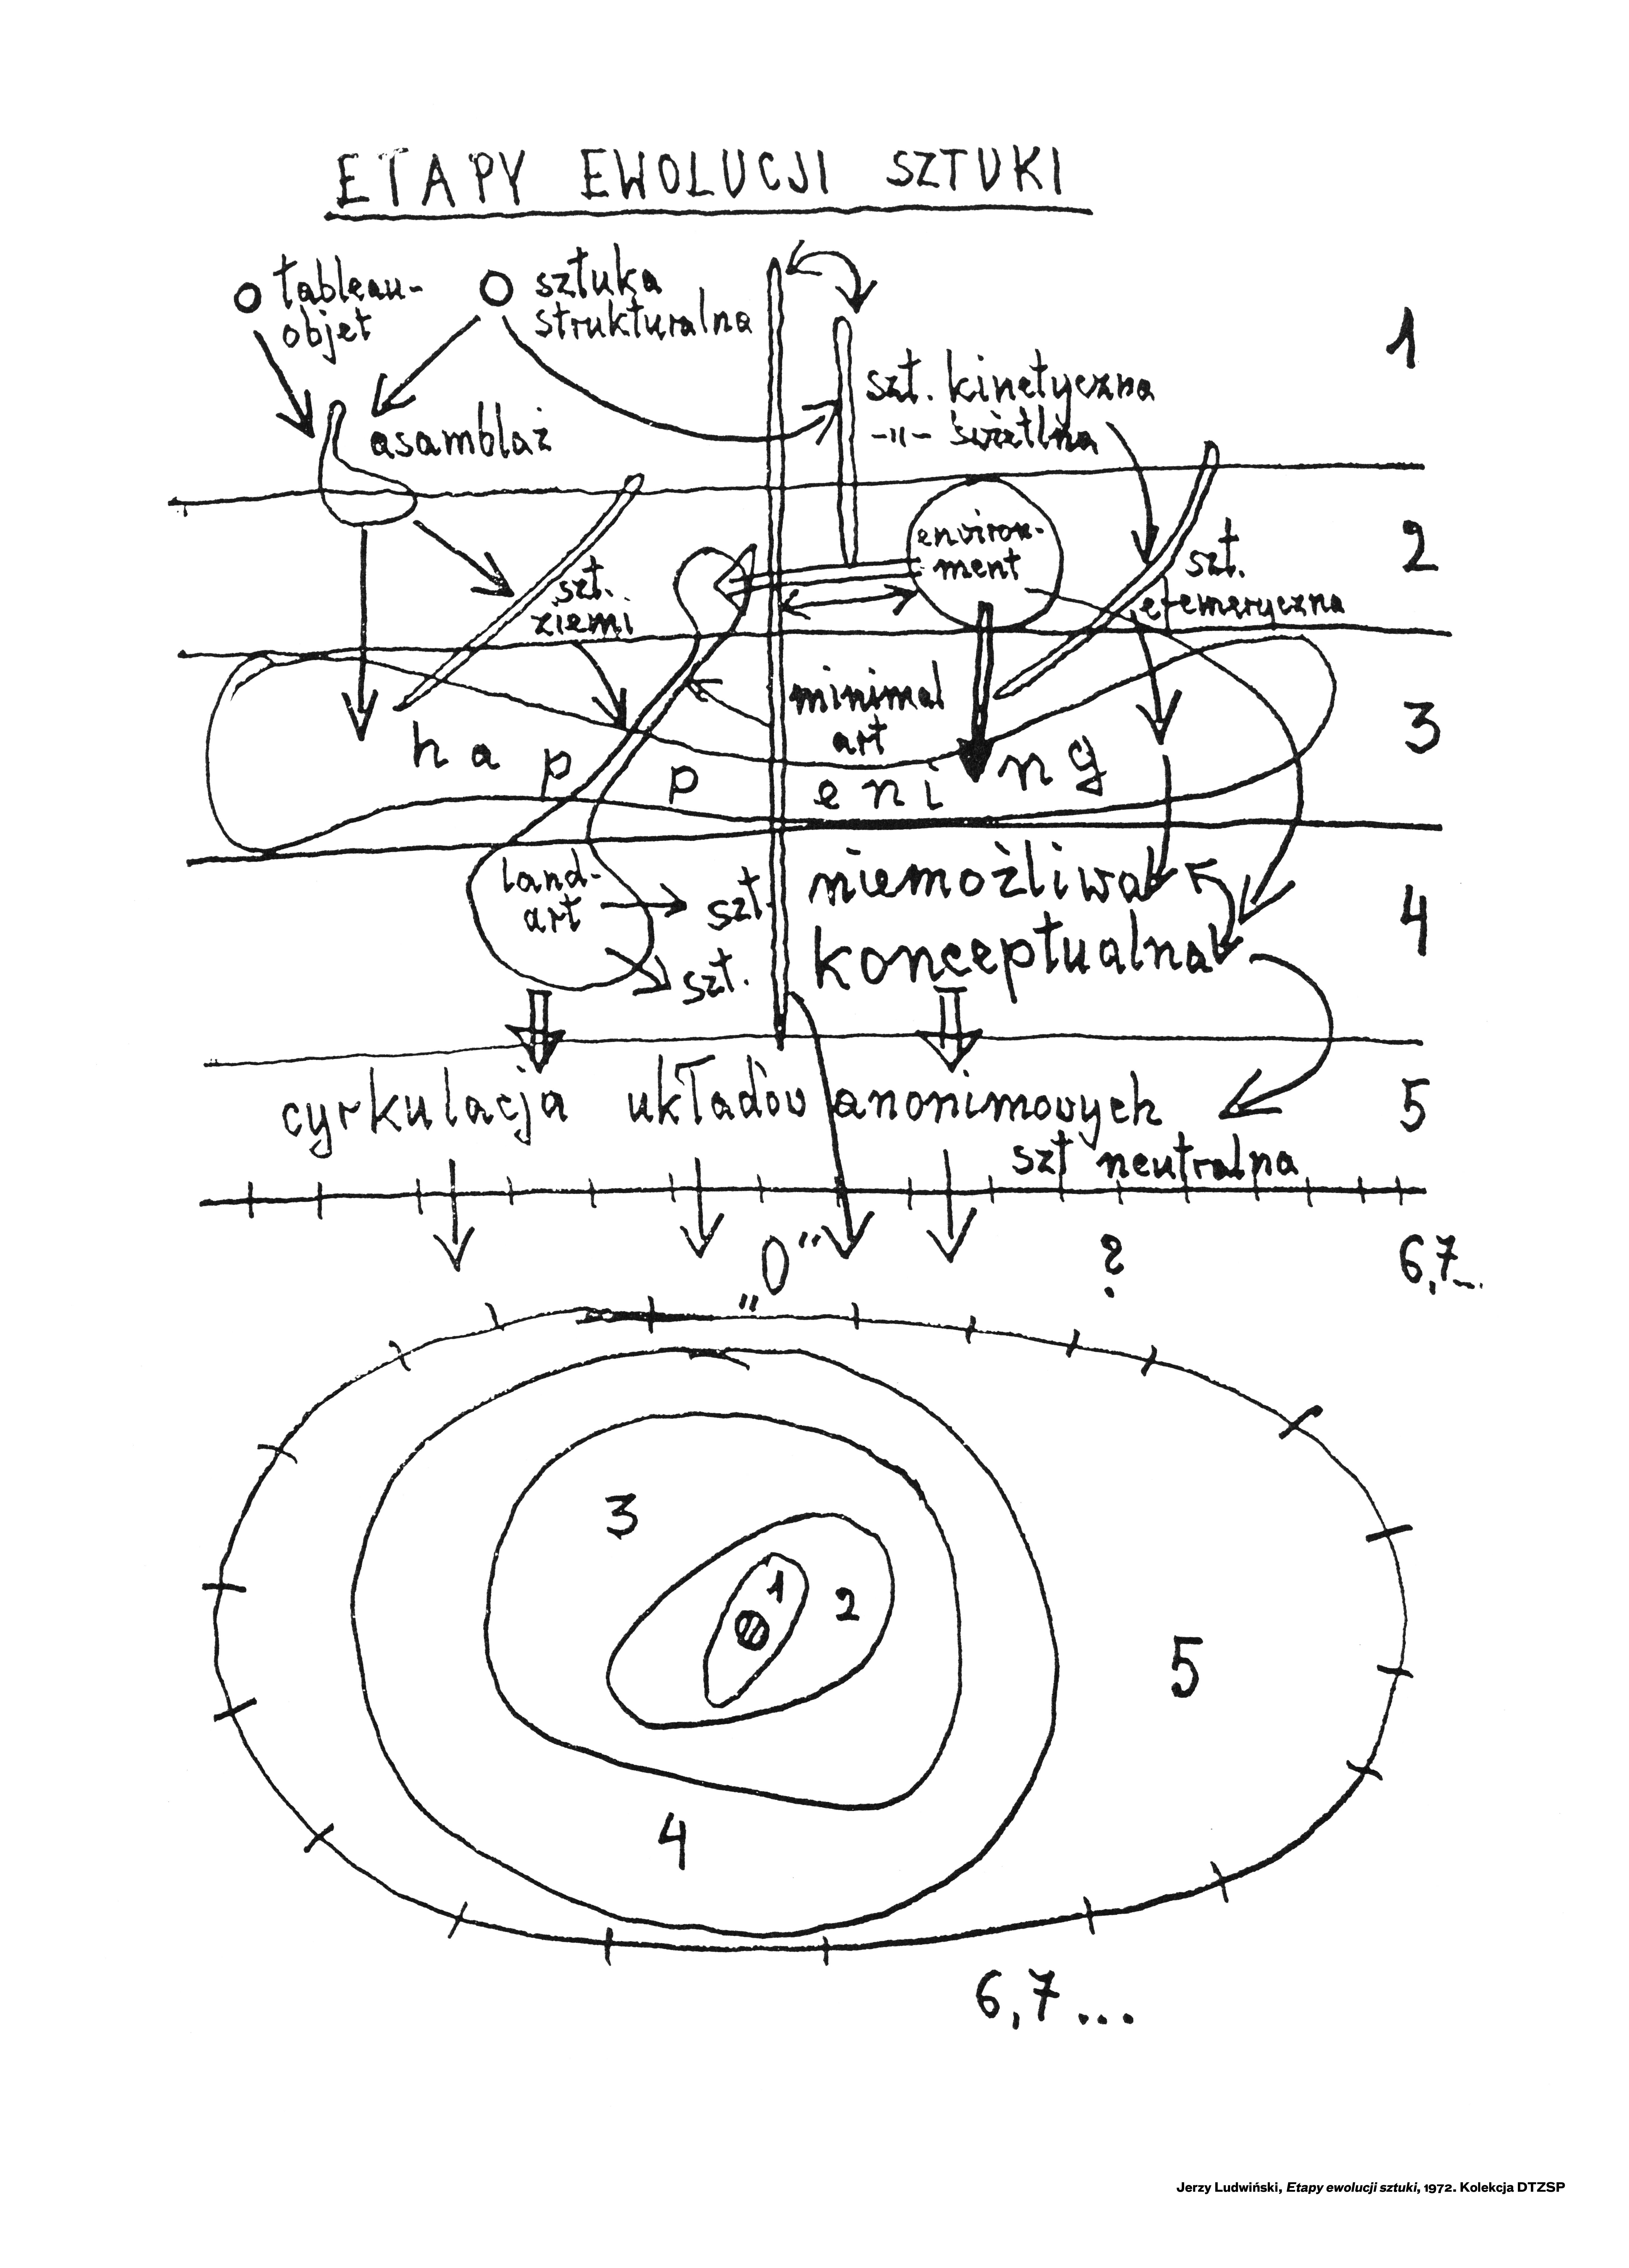 """Jerzy Ludwiński, """"Etapy ewolucji sztuki"""", 1972. Obiekt w formie lightboxu na wystawie stałej """"Archiwum Jerzego Ludwińskiego"""" w Muzeum Współczesnym Wrocław, © MWW"""